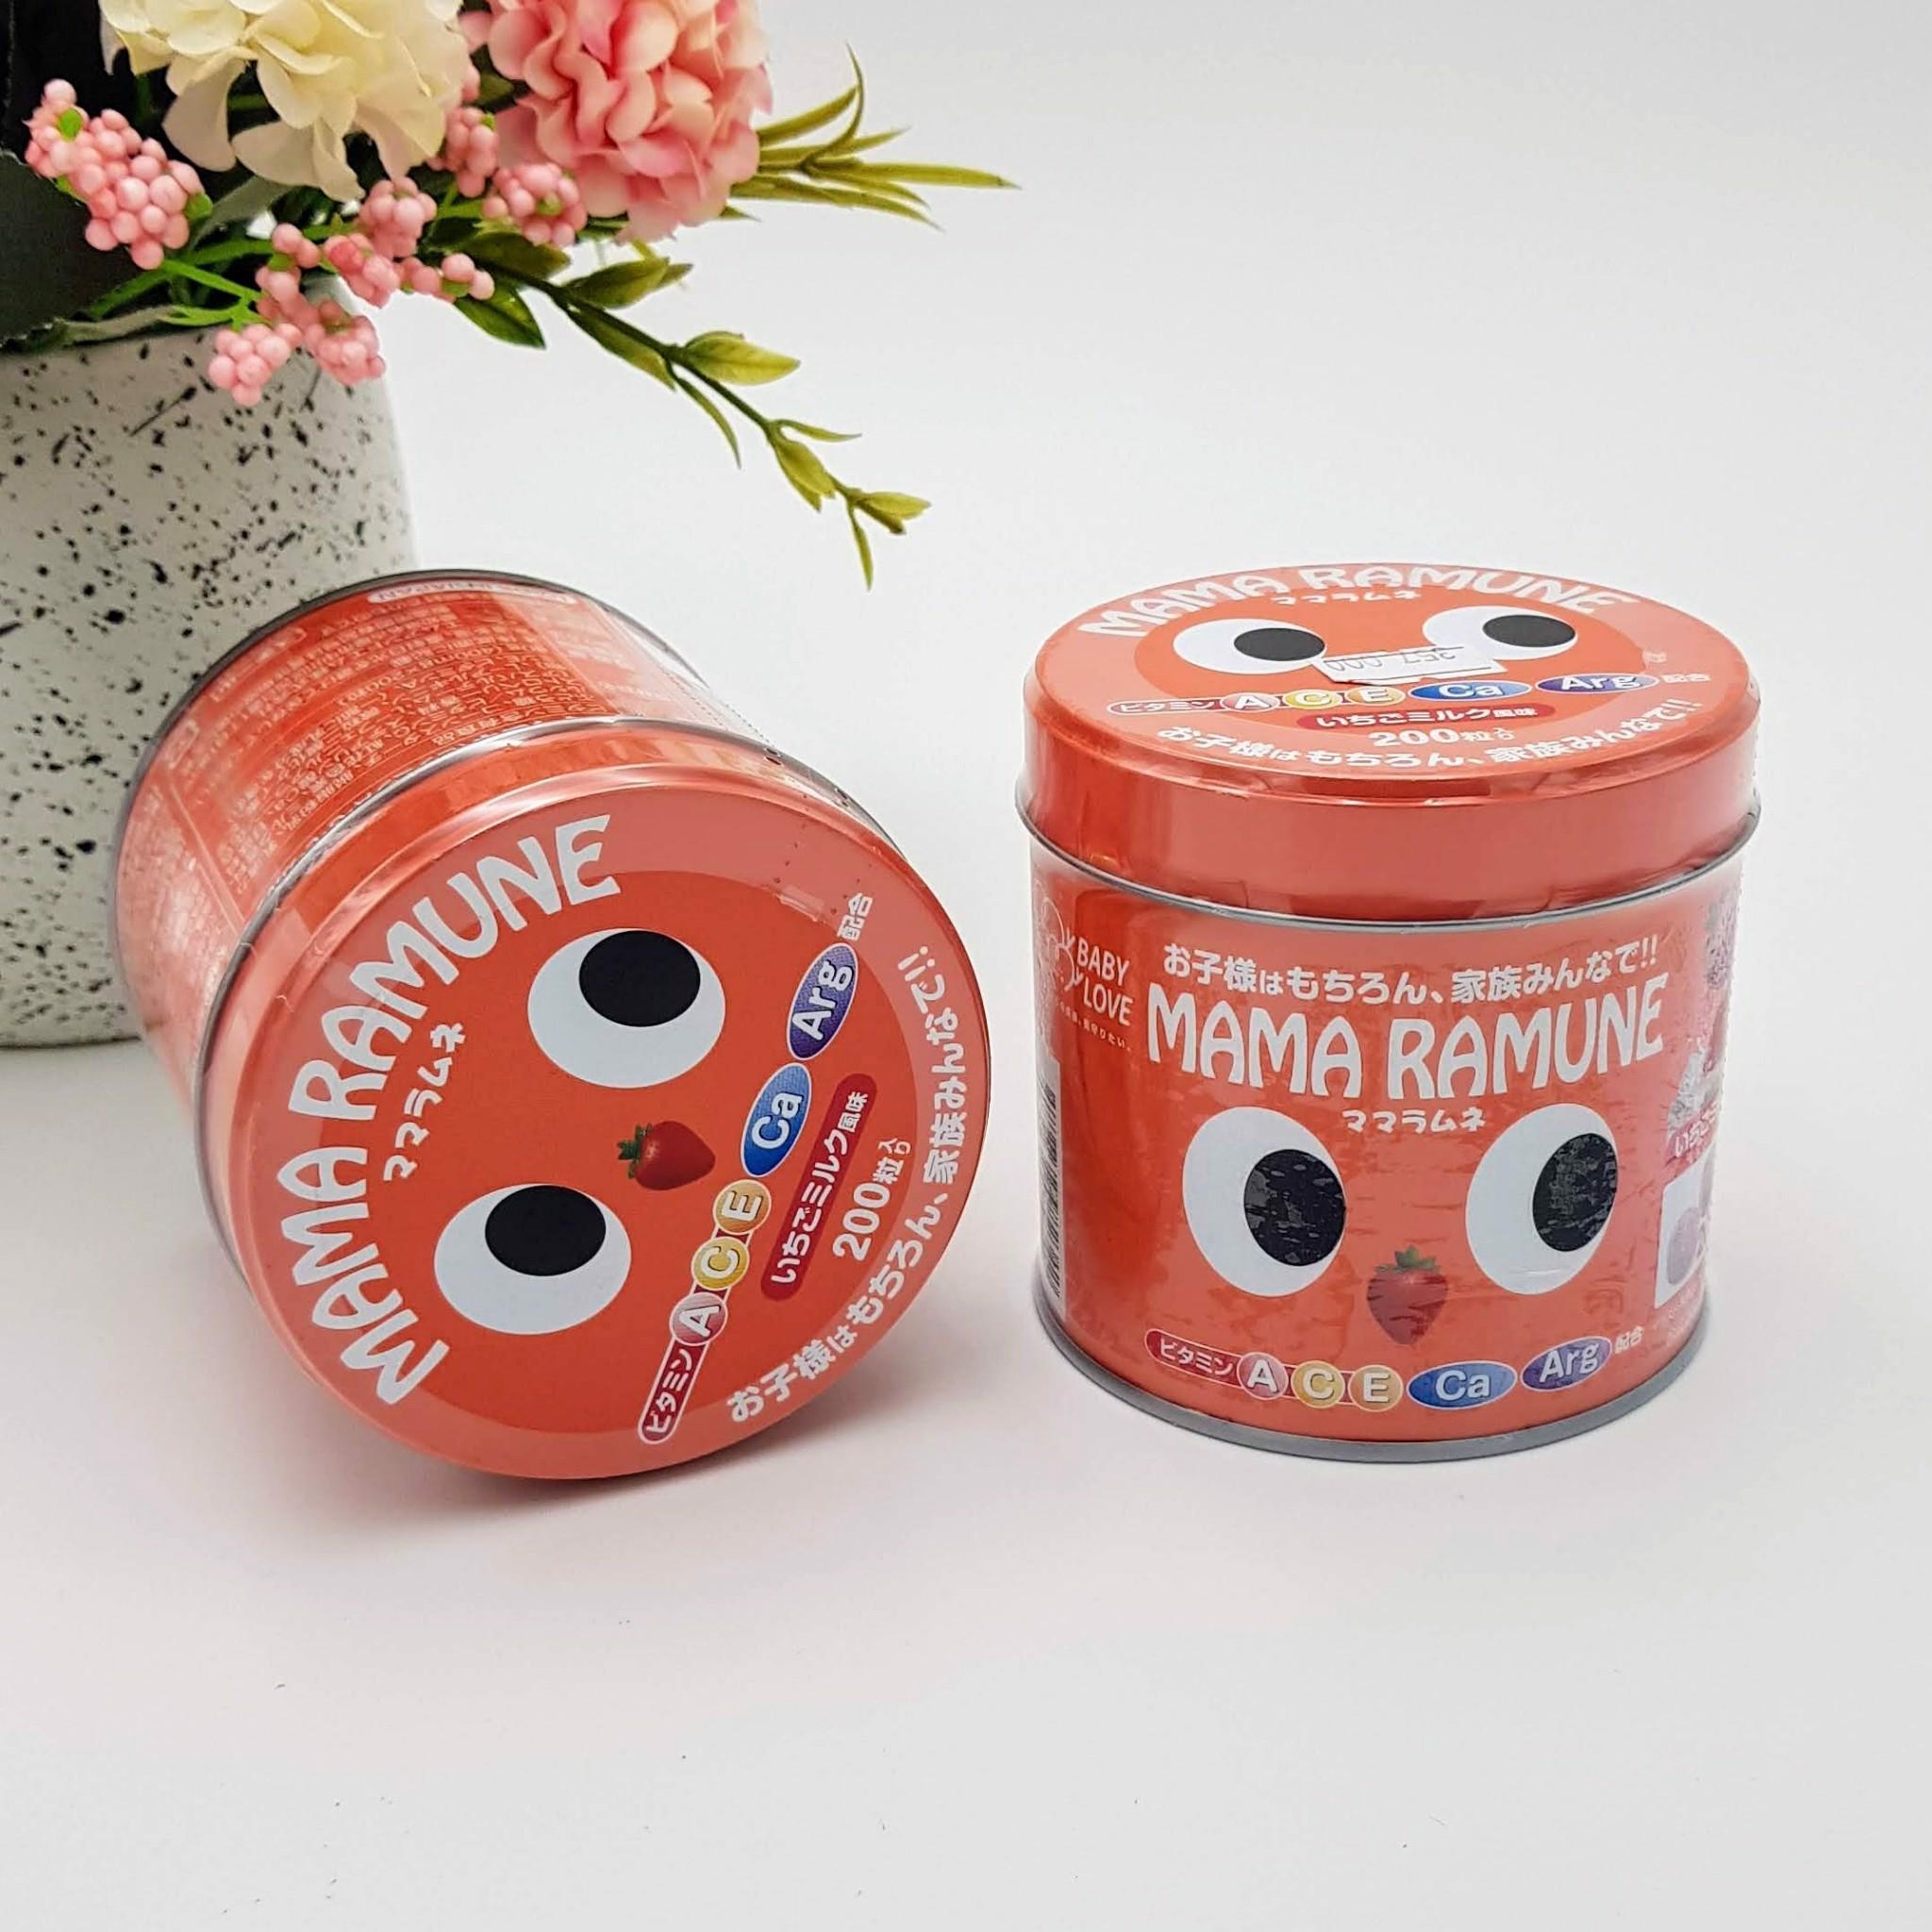 [Vạch trần] Kẹo Mama Ramune có tốt không webtretho từ người dùng?